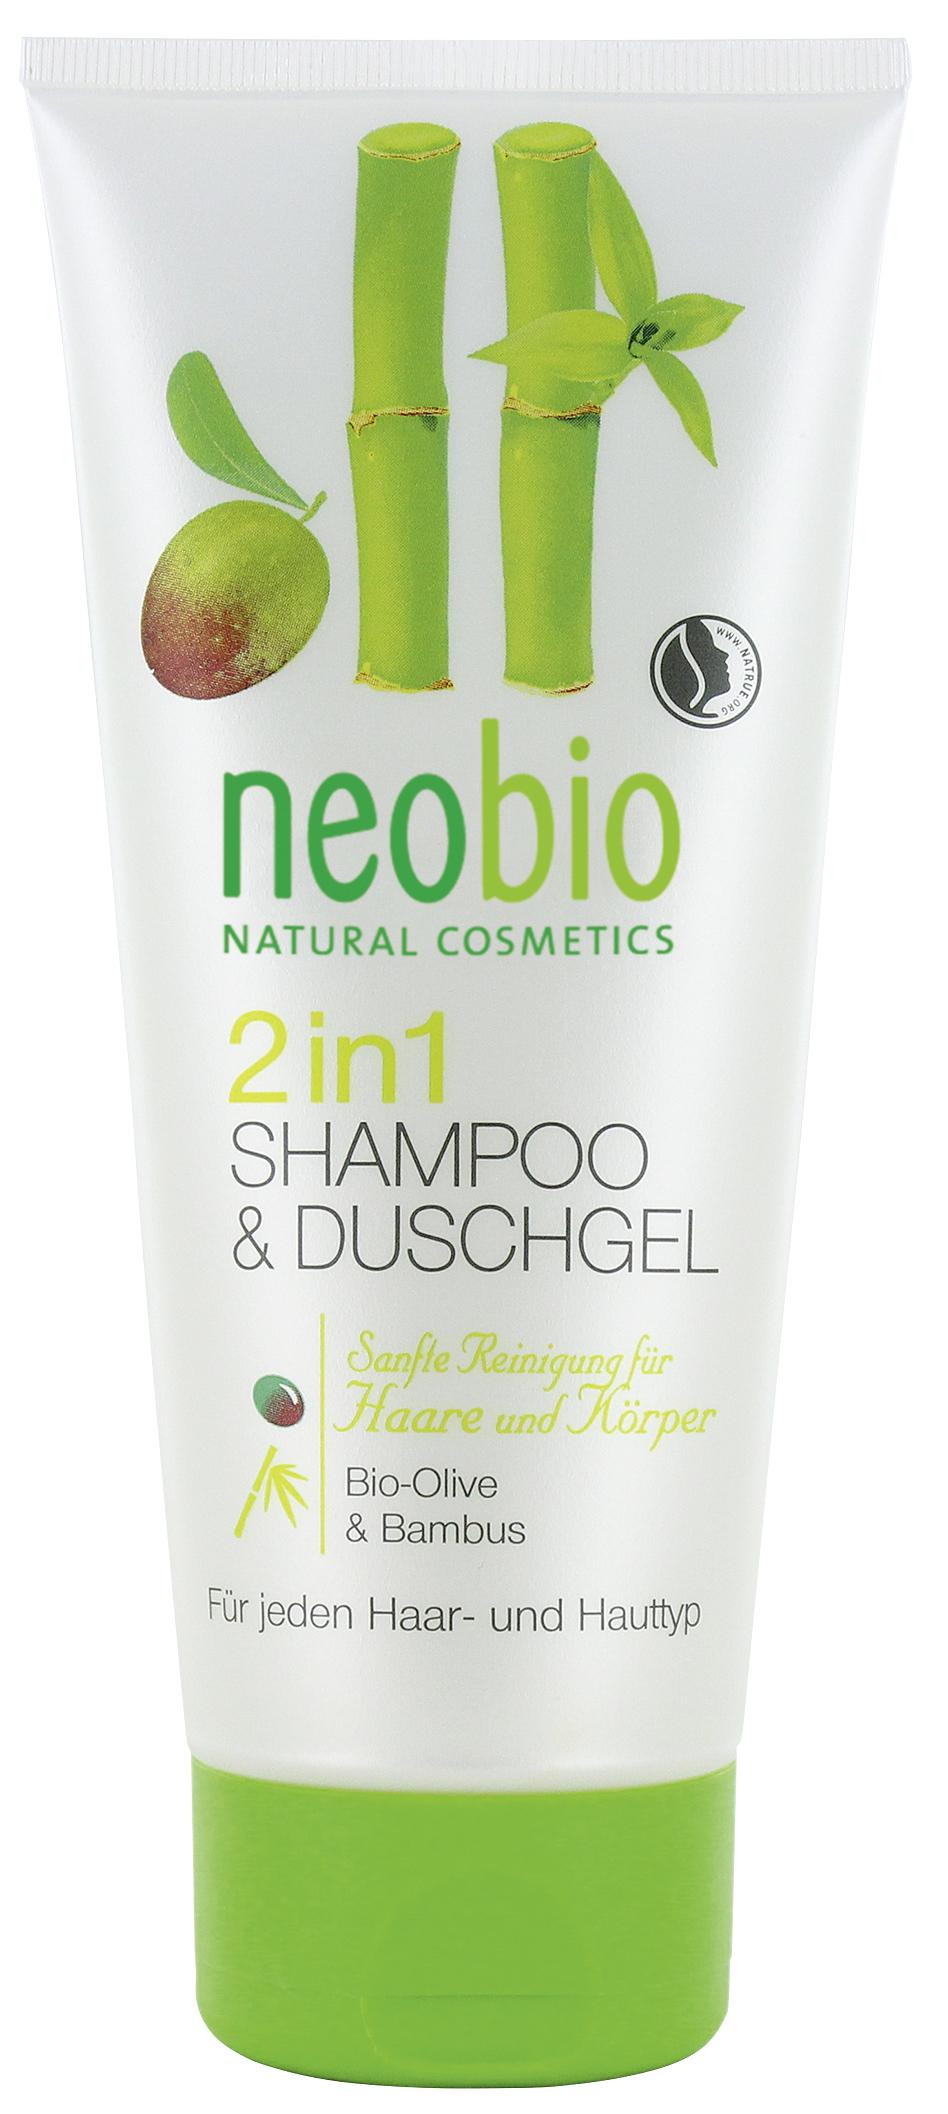 Neobio шампунь-гель 2 в 1 c био-оливой и бамбуком 200 мл60135Для всех типов кожи и волос. Бодрого вам начала дня! Мягкие растительные моющие вещества нежно и бережно очищают кожу и волосы. Сбалансированный состав, обогащенный био-экстрактом оливы, био-алоэ вера и вытяжкой бамбука, увлажняет и дарит коже и волосам приятный аромат натуральных духов. Идеален для ежедневного применения.